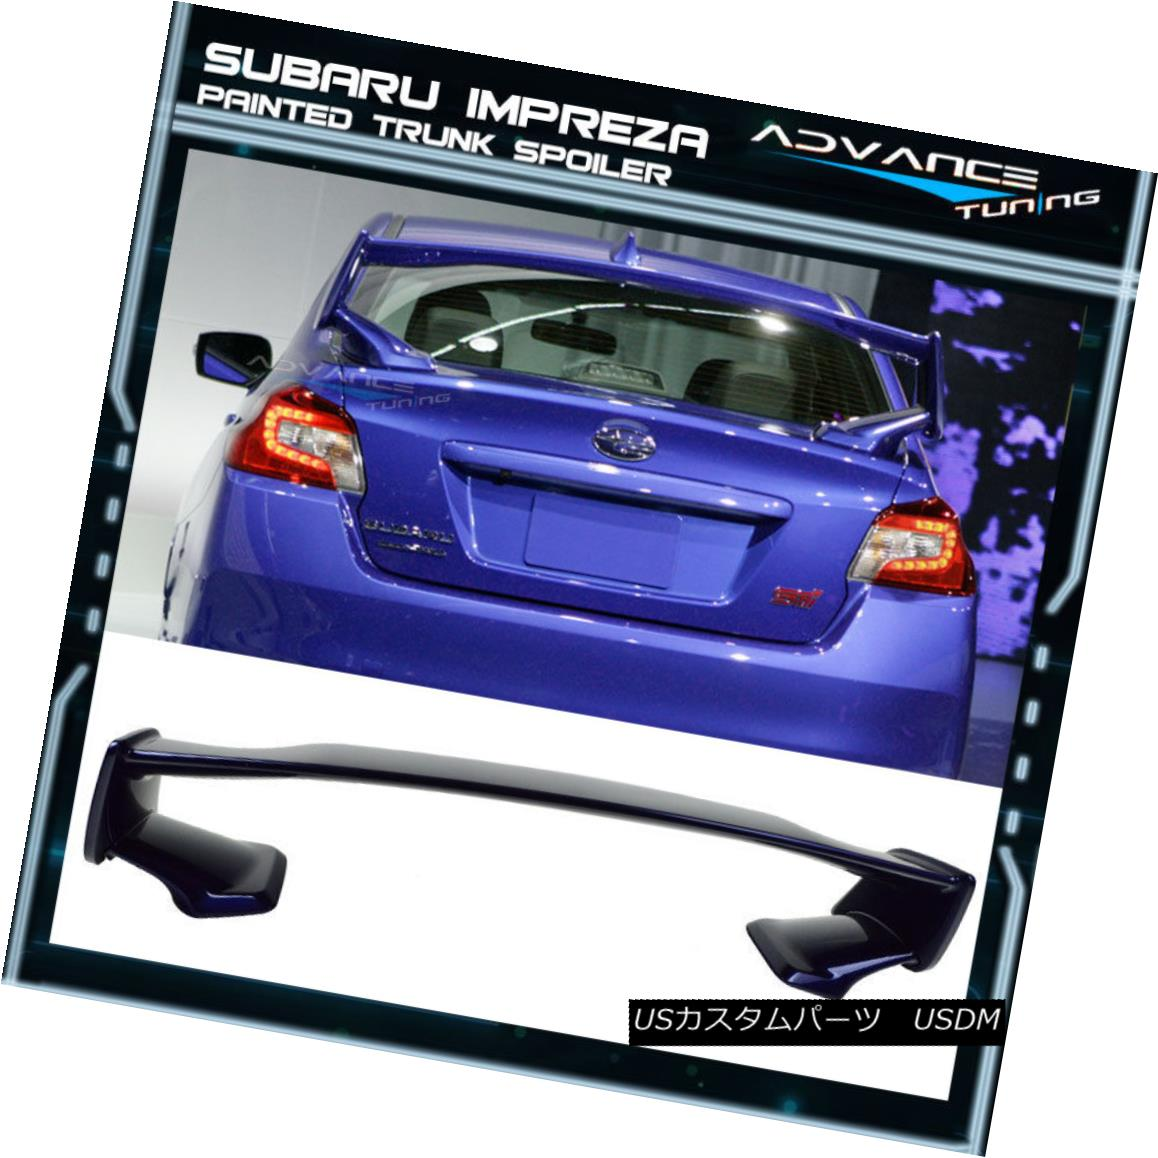 エアロパーツ Fits 15-18 Subaru WRX STI Style ABS Trunk Spoiler Painted #K3X Lapis Blue Pearl フィット15-18スバルWRX STIスタイルABSトランクスポイラー塗装#K3Xラピスブルーパール